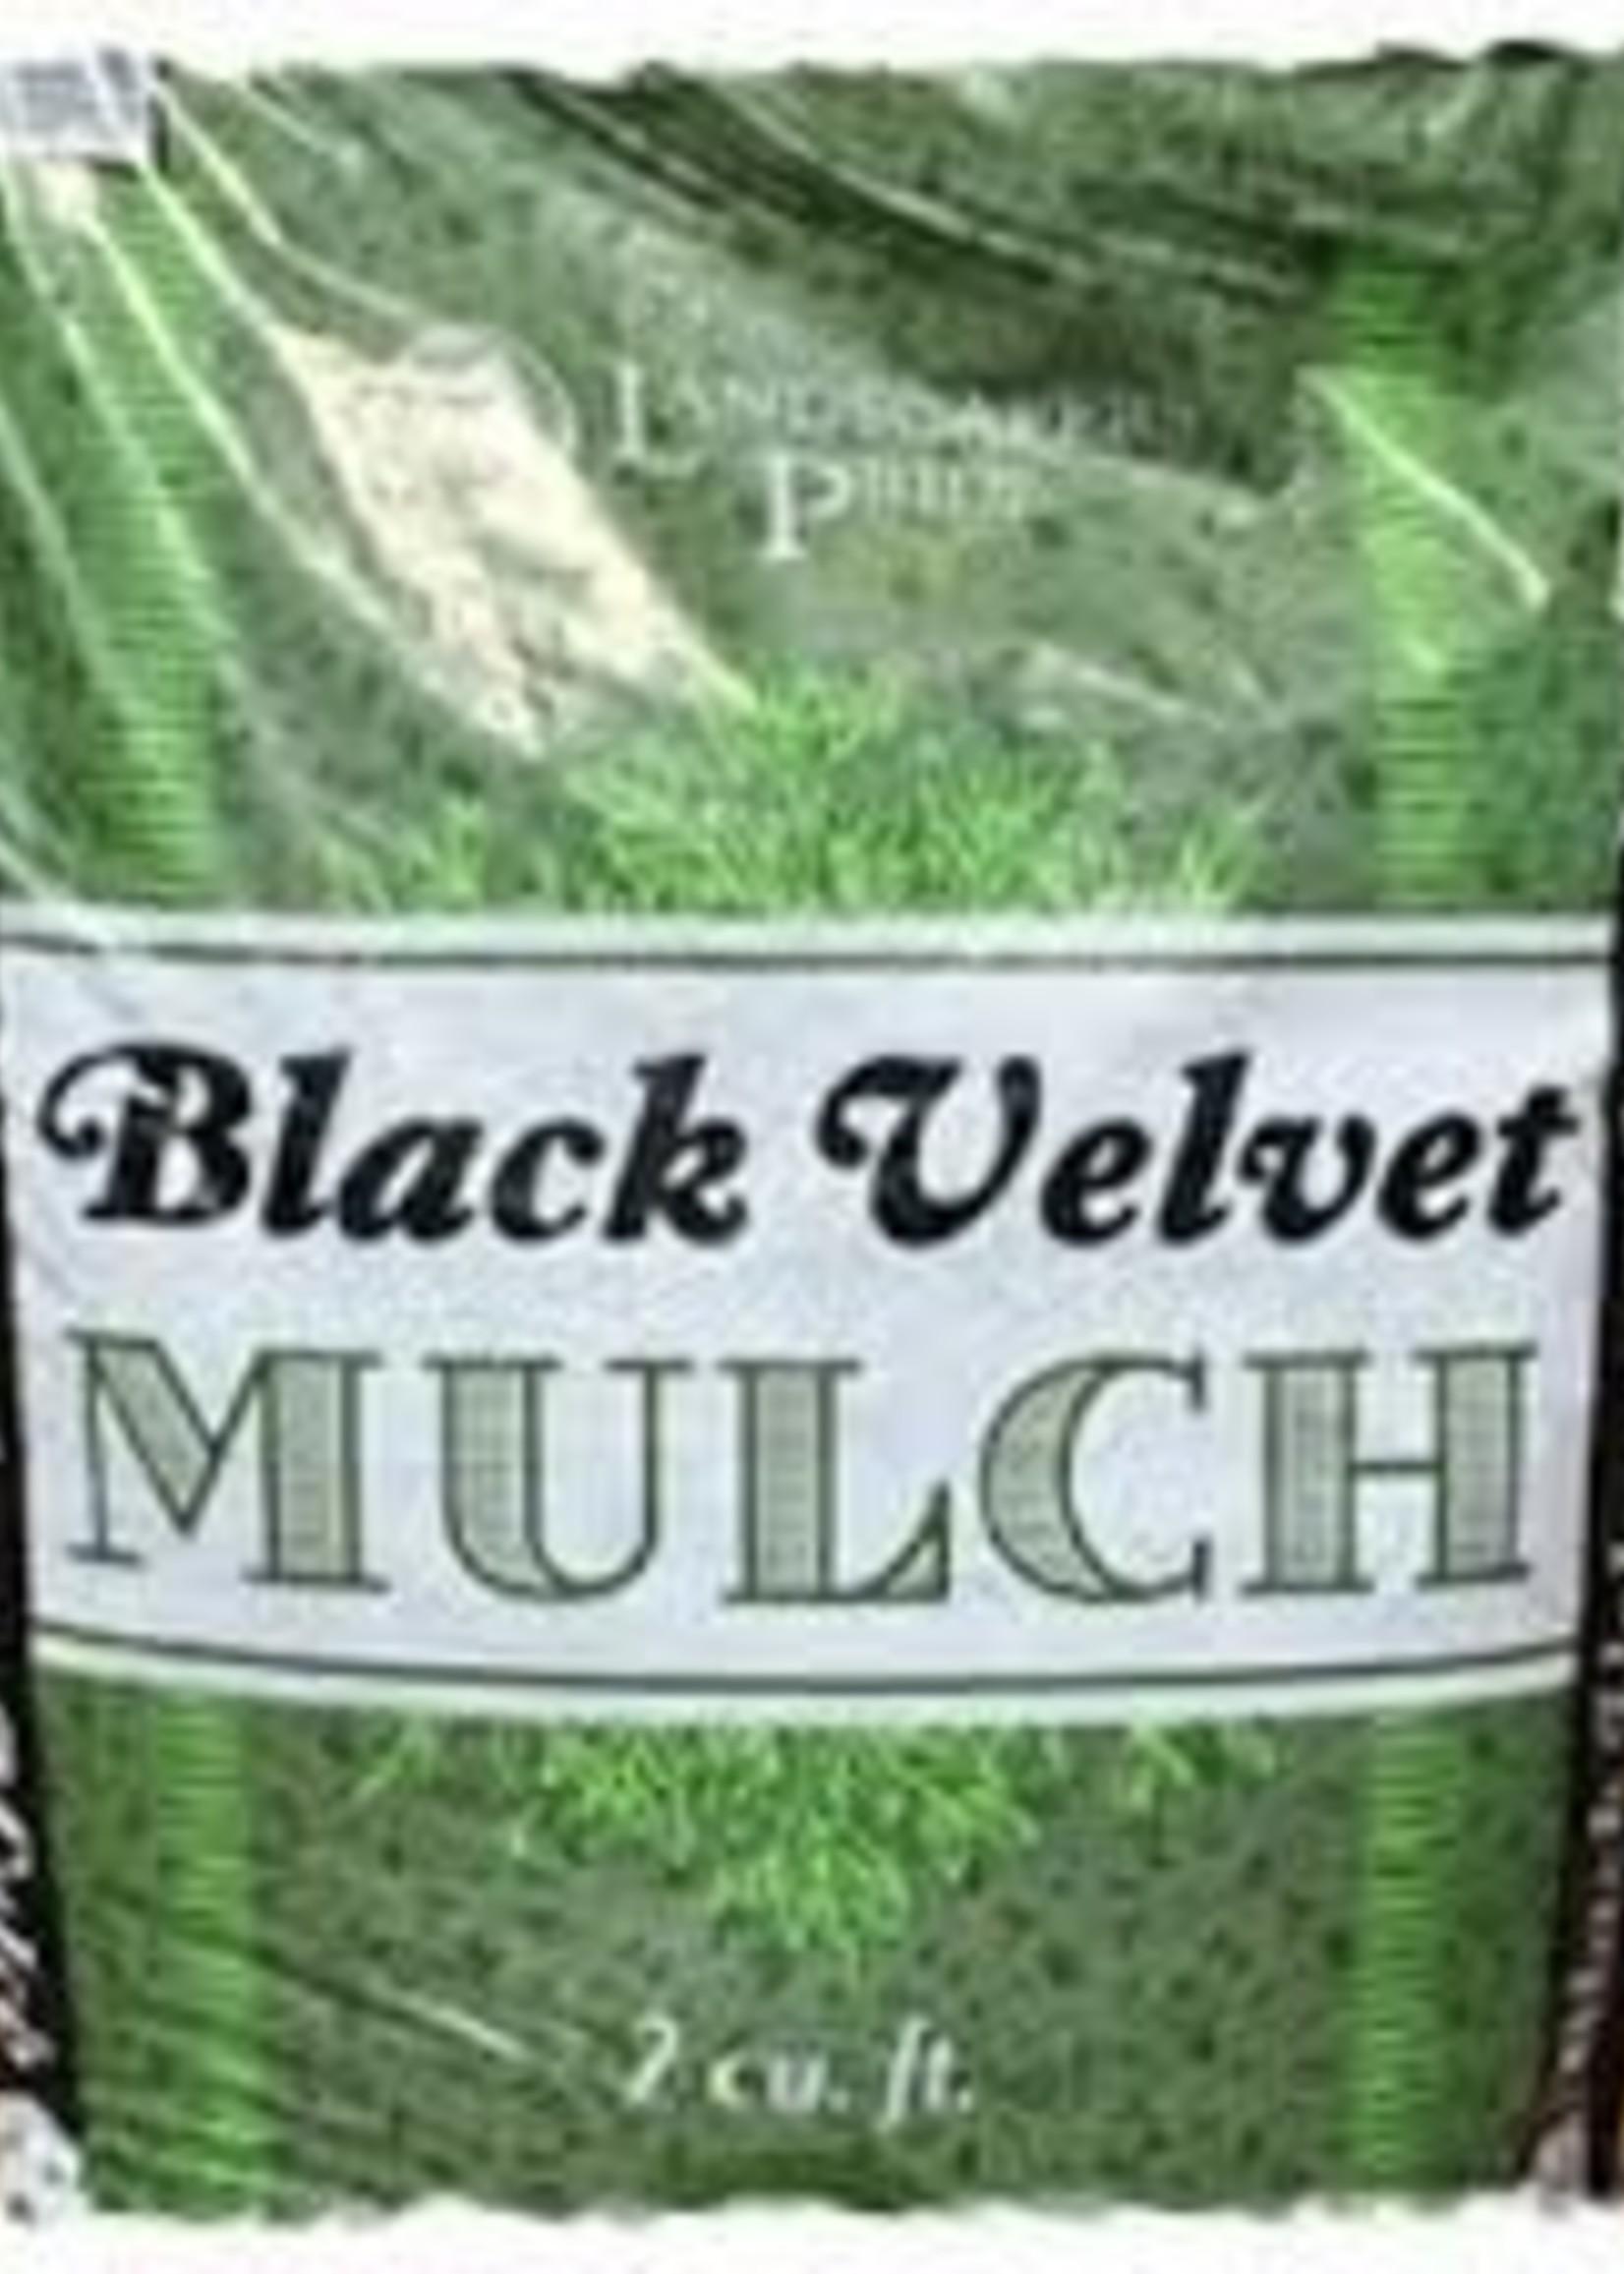 Black Velvet Mulch 2 cf. $4.99 ea.